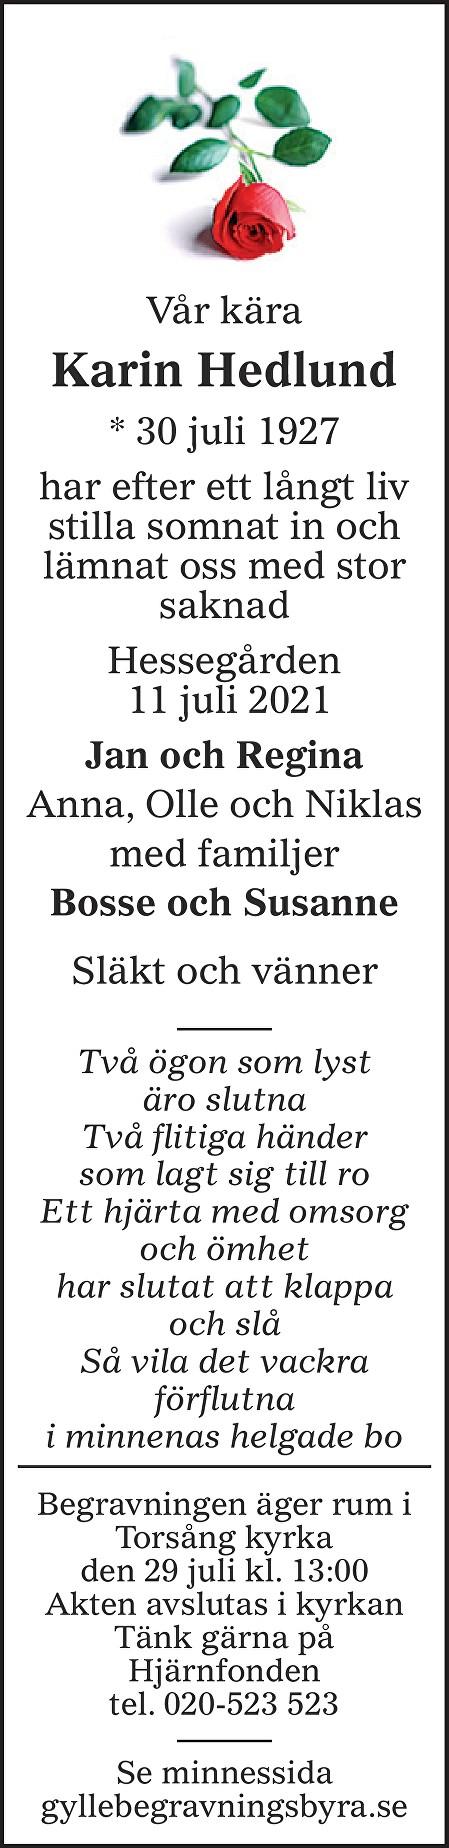 Karin Hedlund Death notice